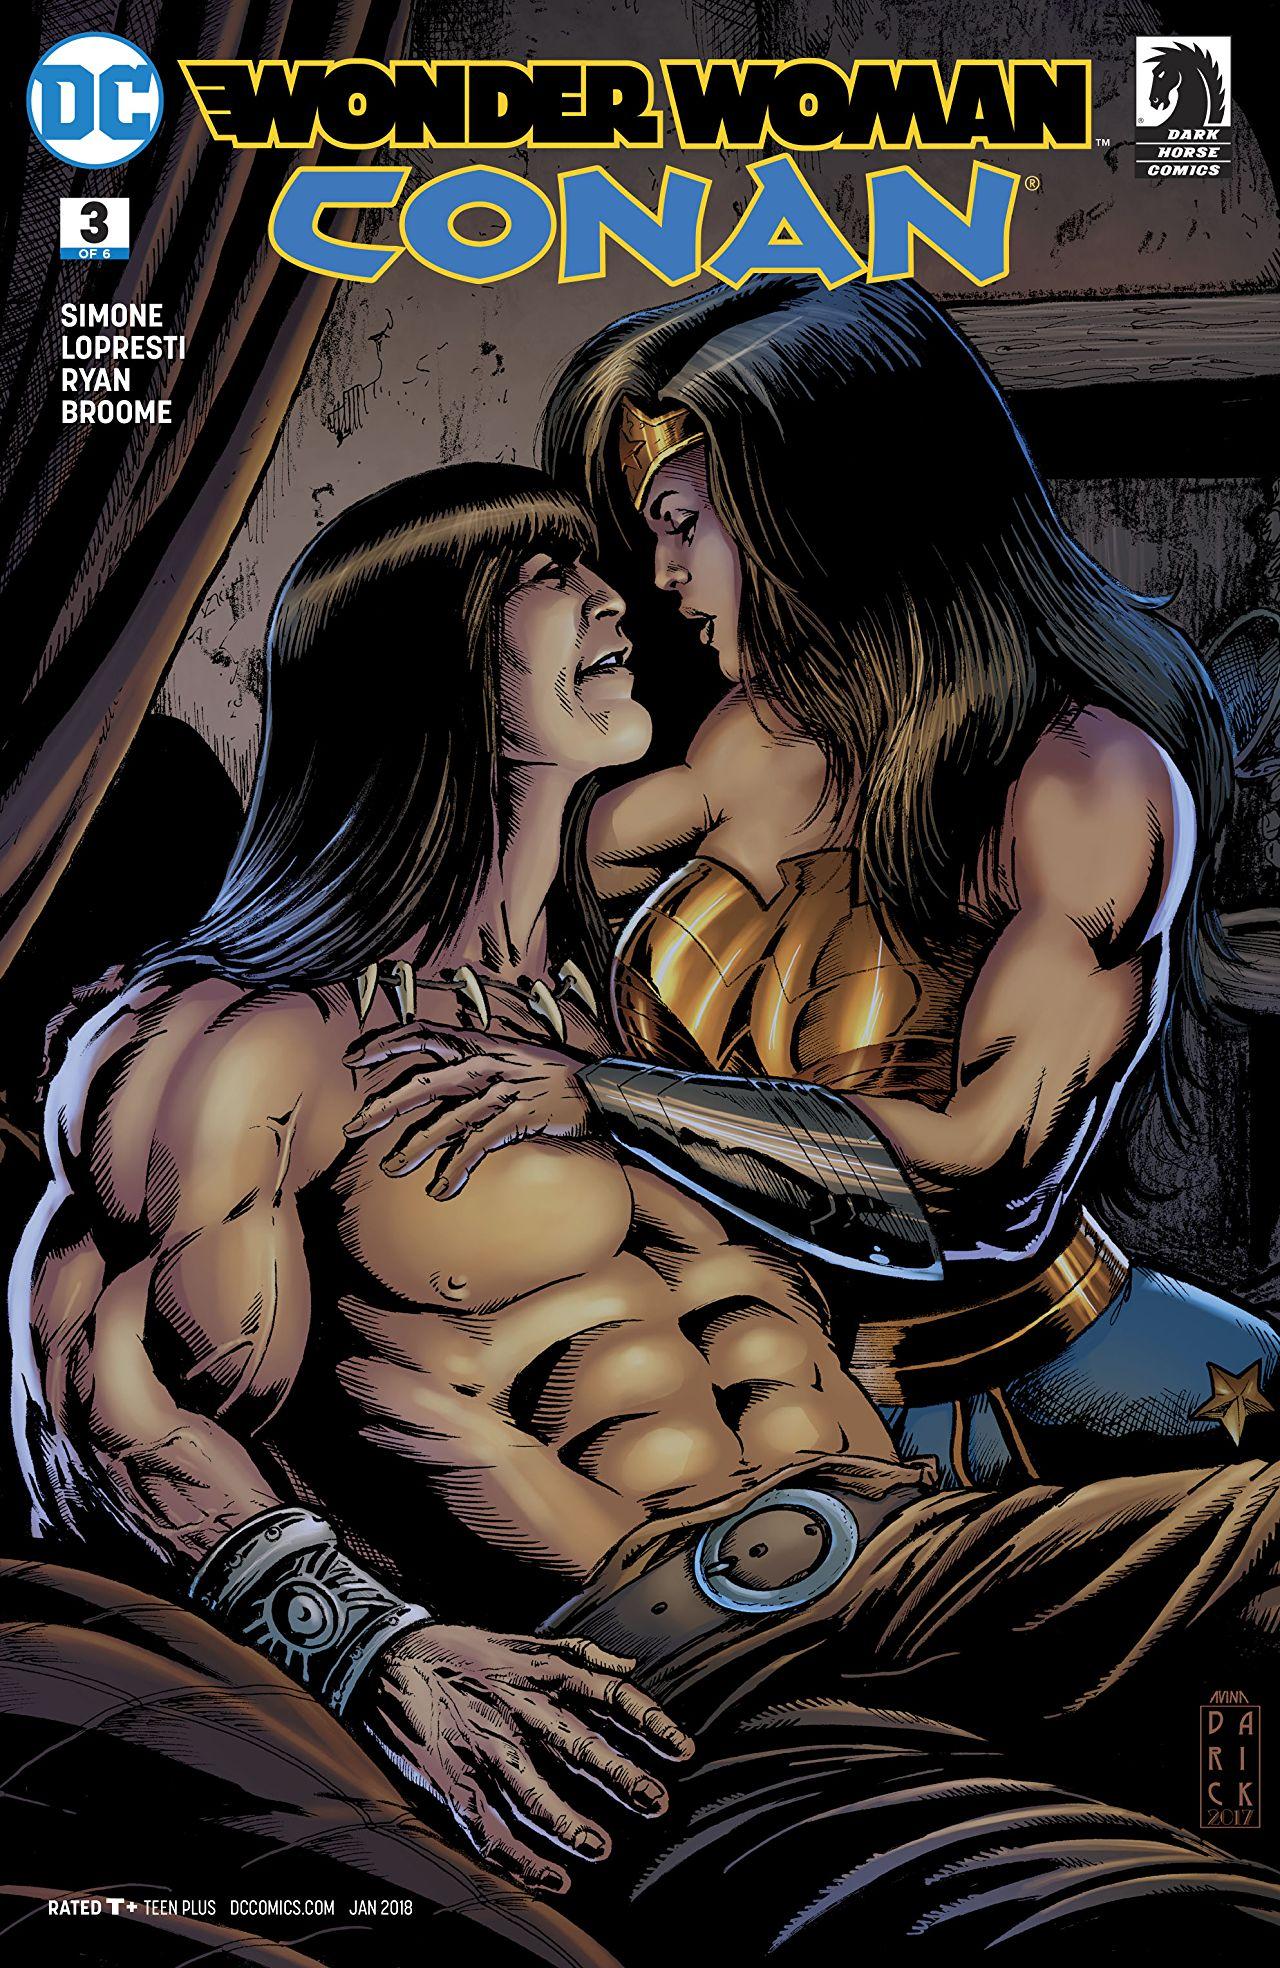 Wonder Woman/Conan Vol 1 3